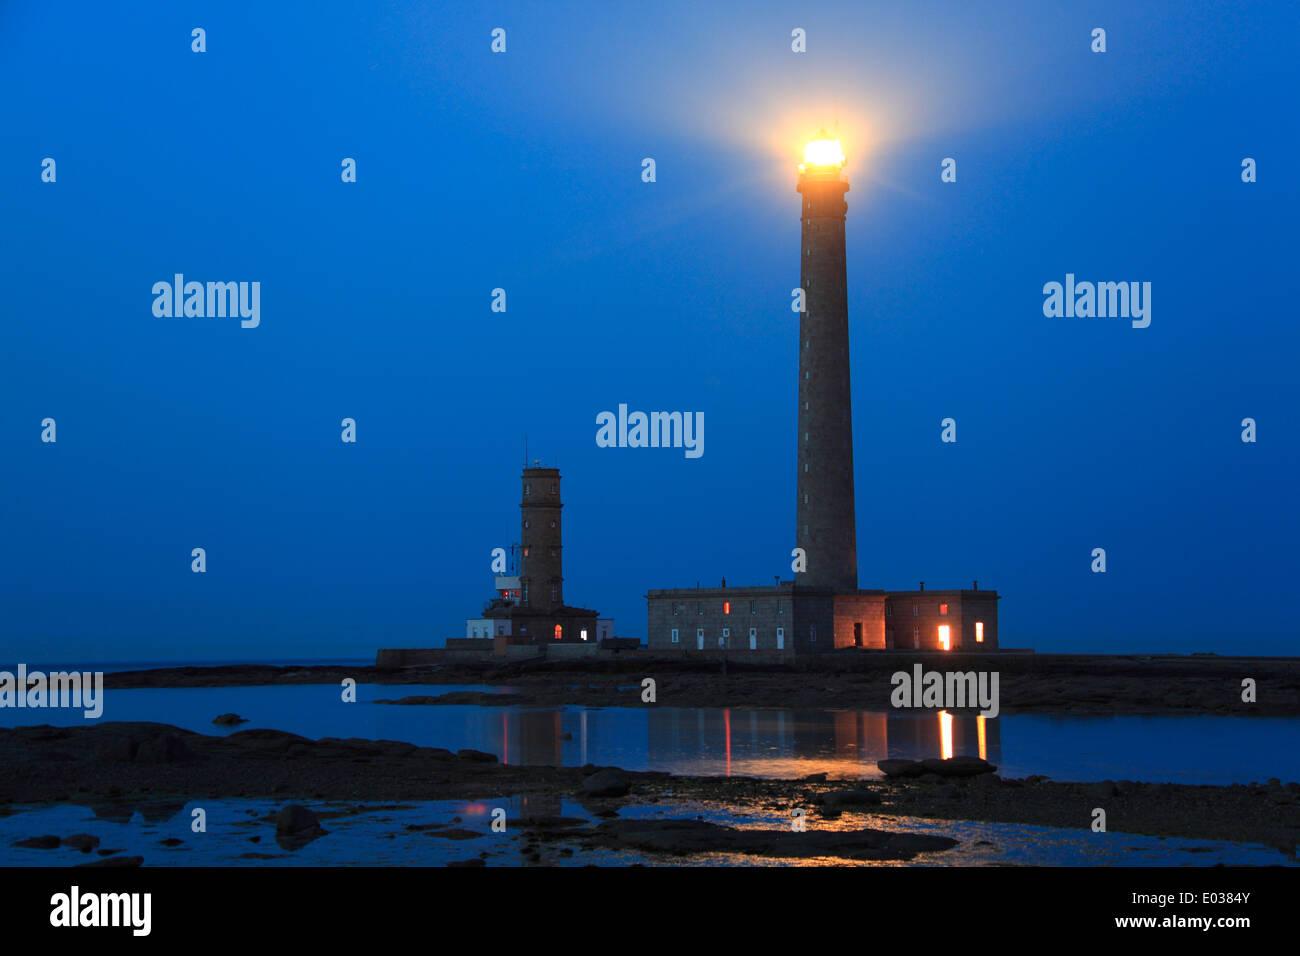 Photo du phare de gatteville (pointe de Barfleur lumière, Normandie, France Banque D'Images